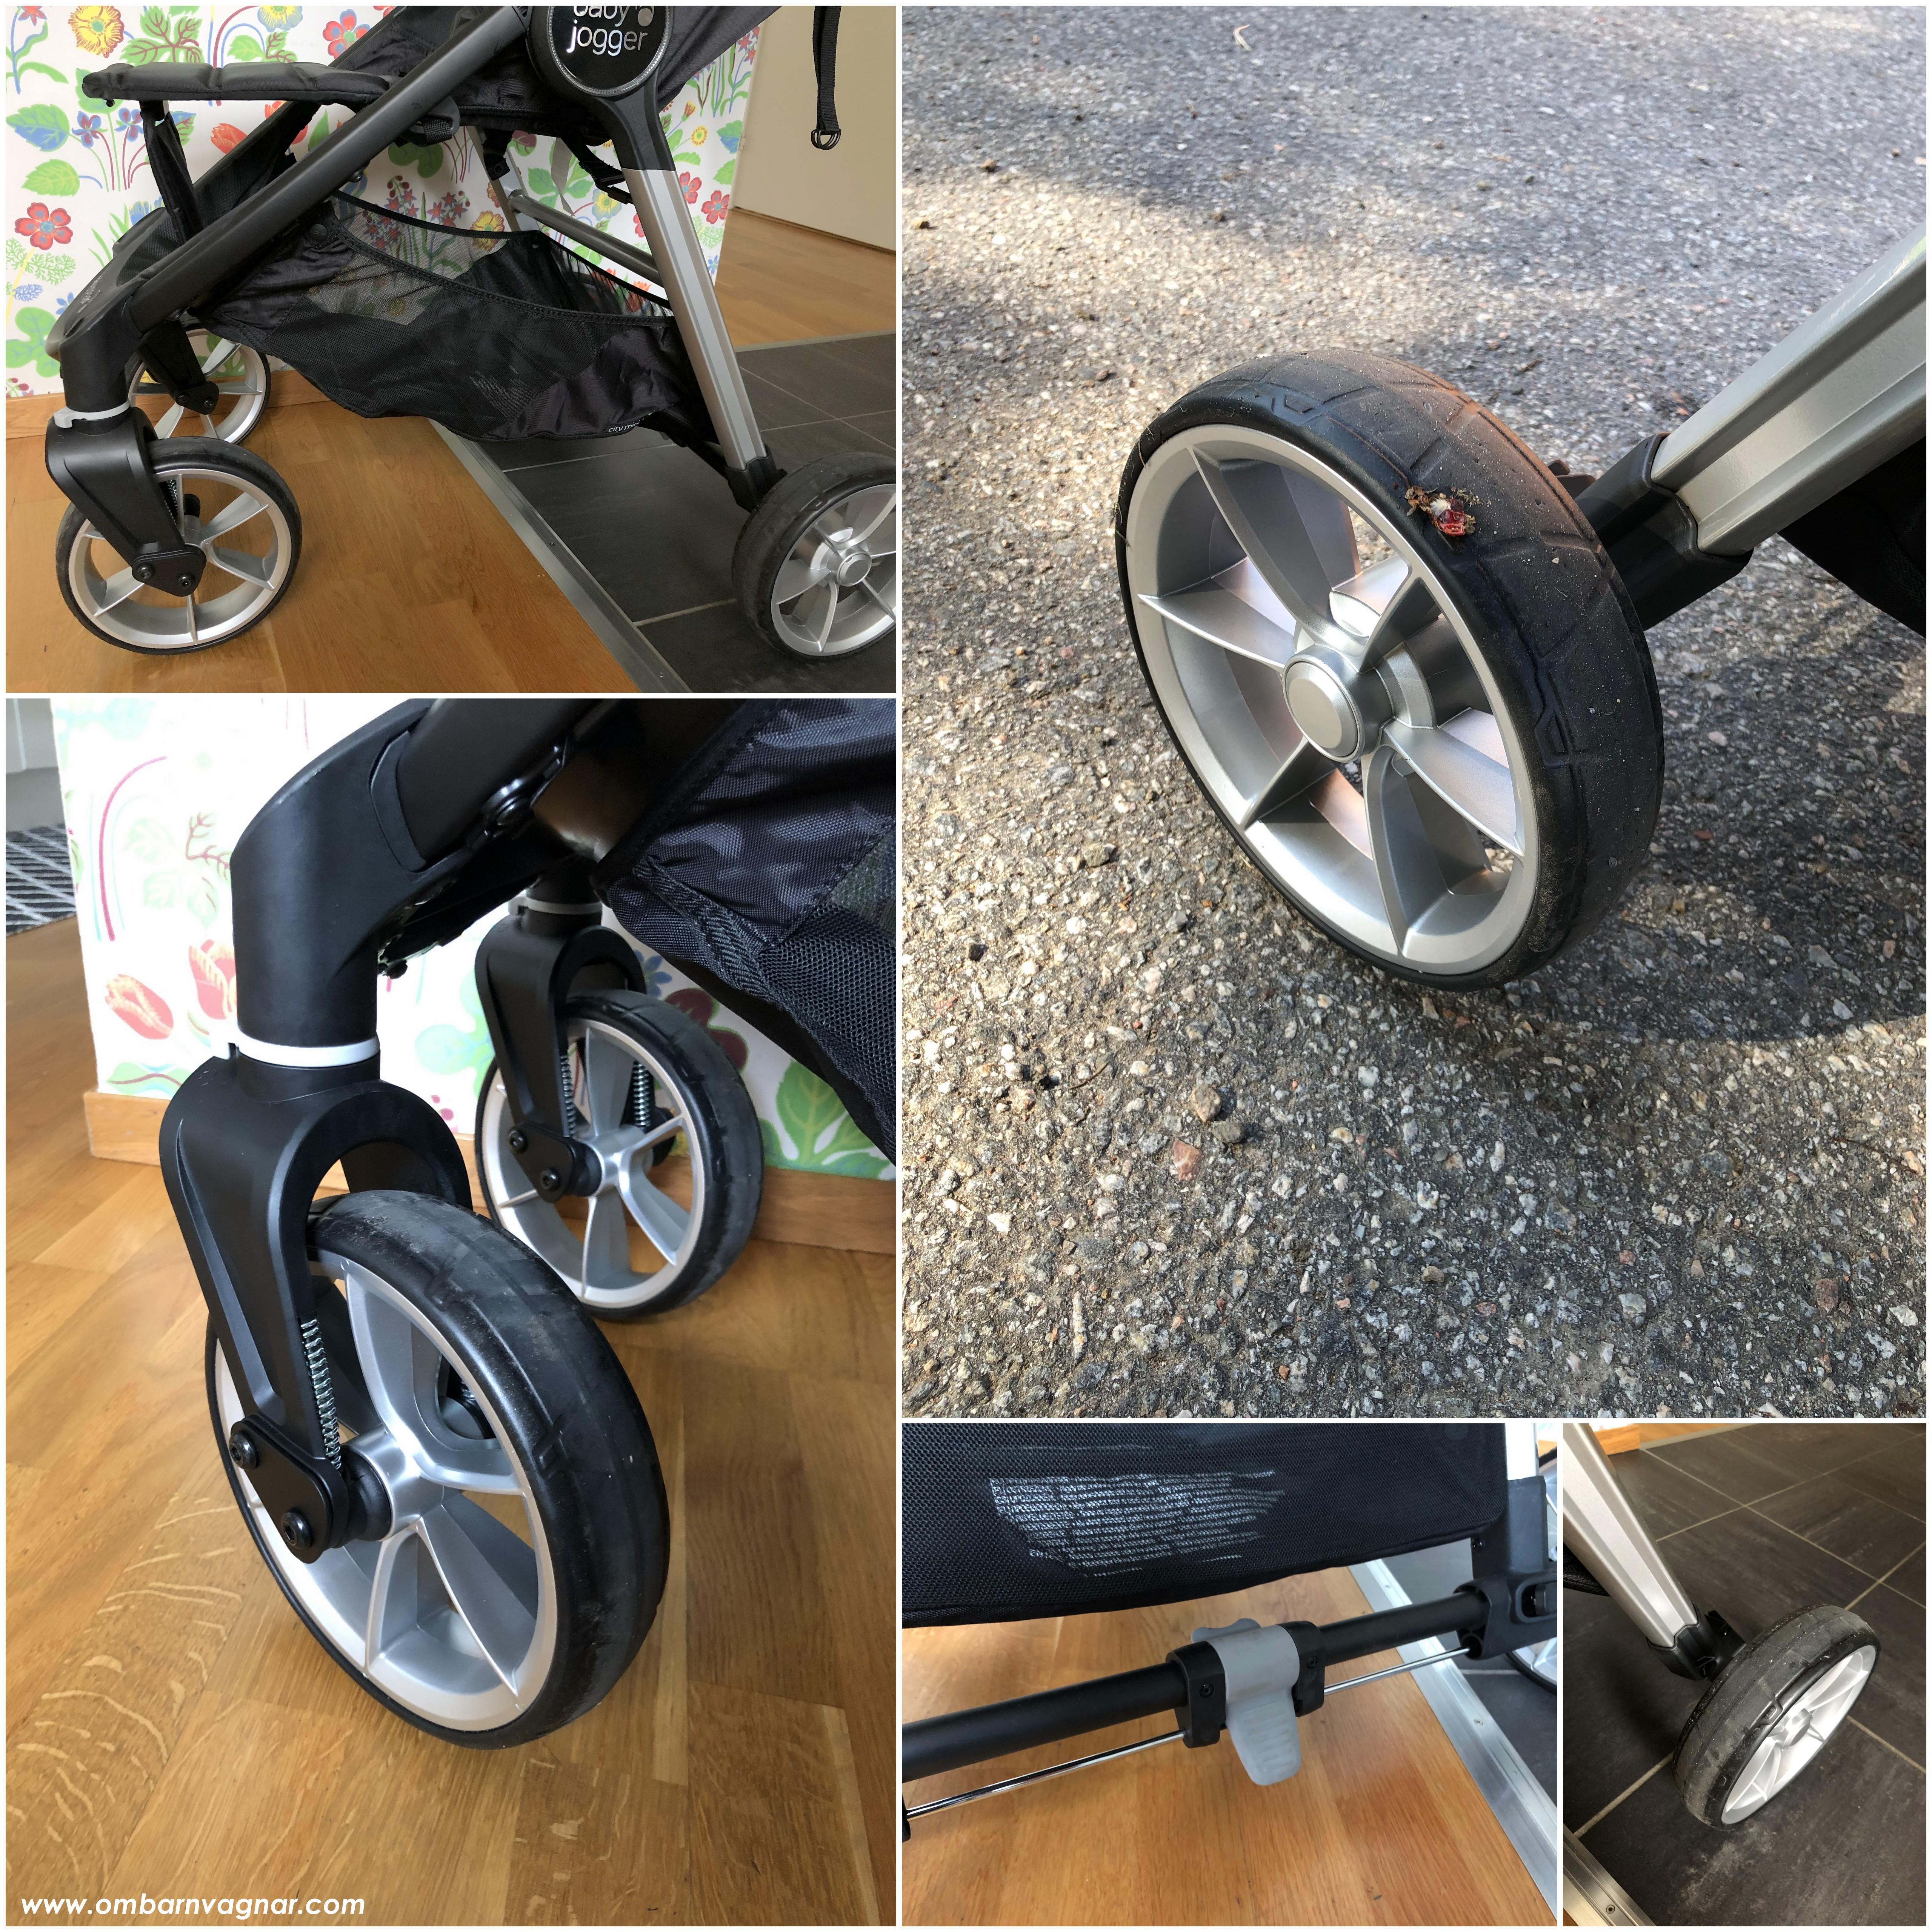 Baby Jogger City Mini 2 4W har punkteringsfria däck och en rymlig varukorg